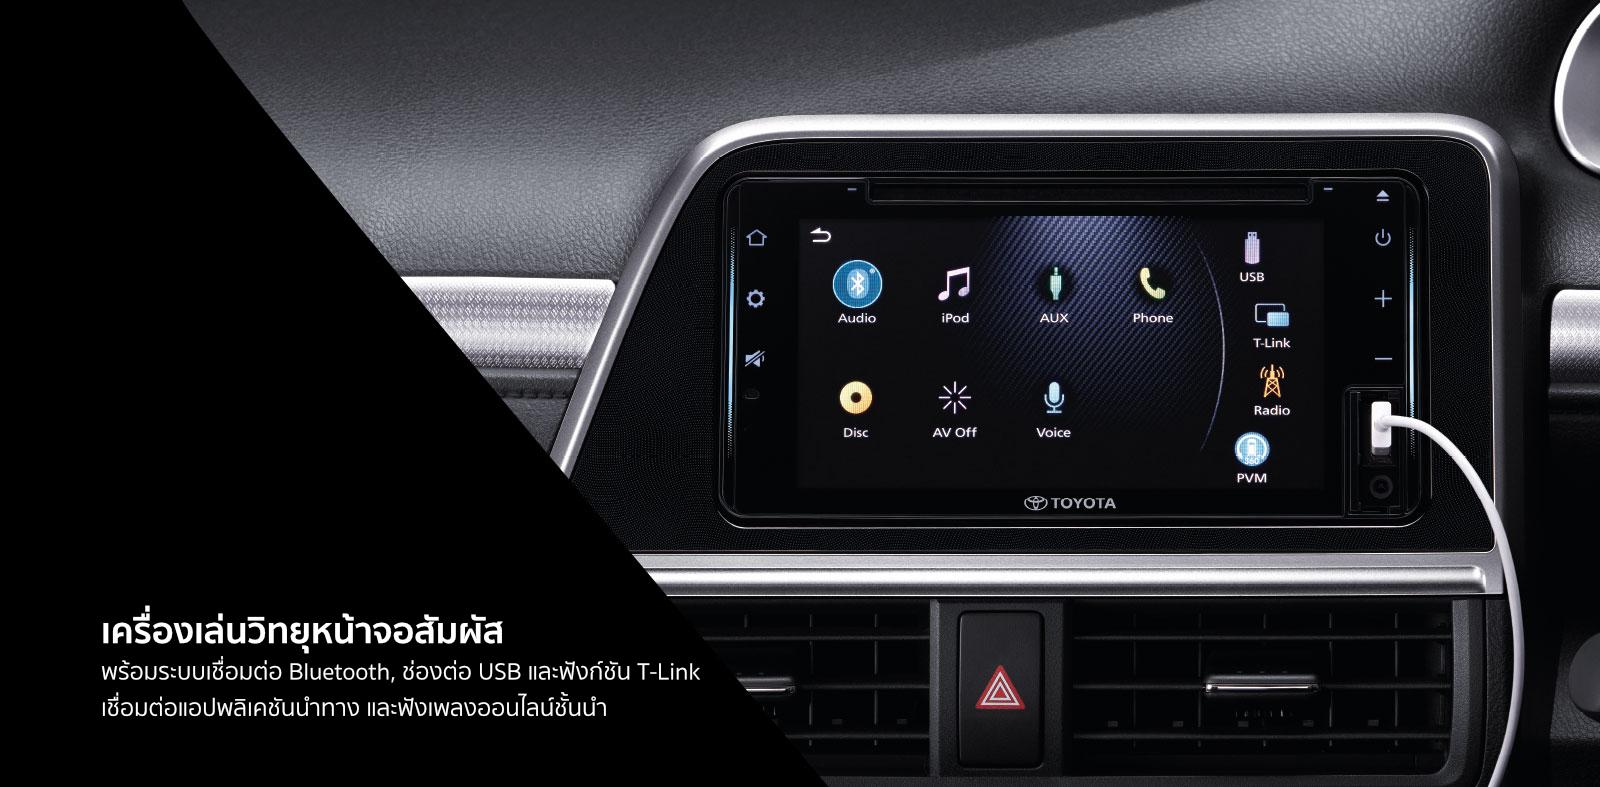 เครื่องเล่นวิทยุหน้าจอสัมผัสพร้อมระบบเชื่อมต่อ Bluetooth, ช่องต่อ USB และฟังก์ชัน T-Link เชื่อมต่อแอปพลิเคชันนำทาง และฟังเพลงออนไลน์ชั้นนำ